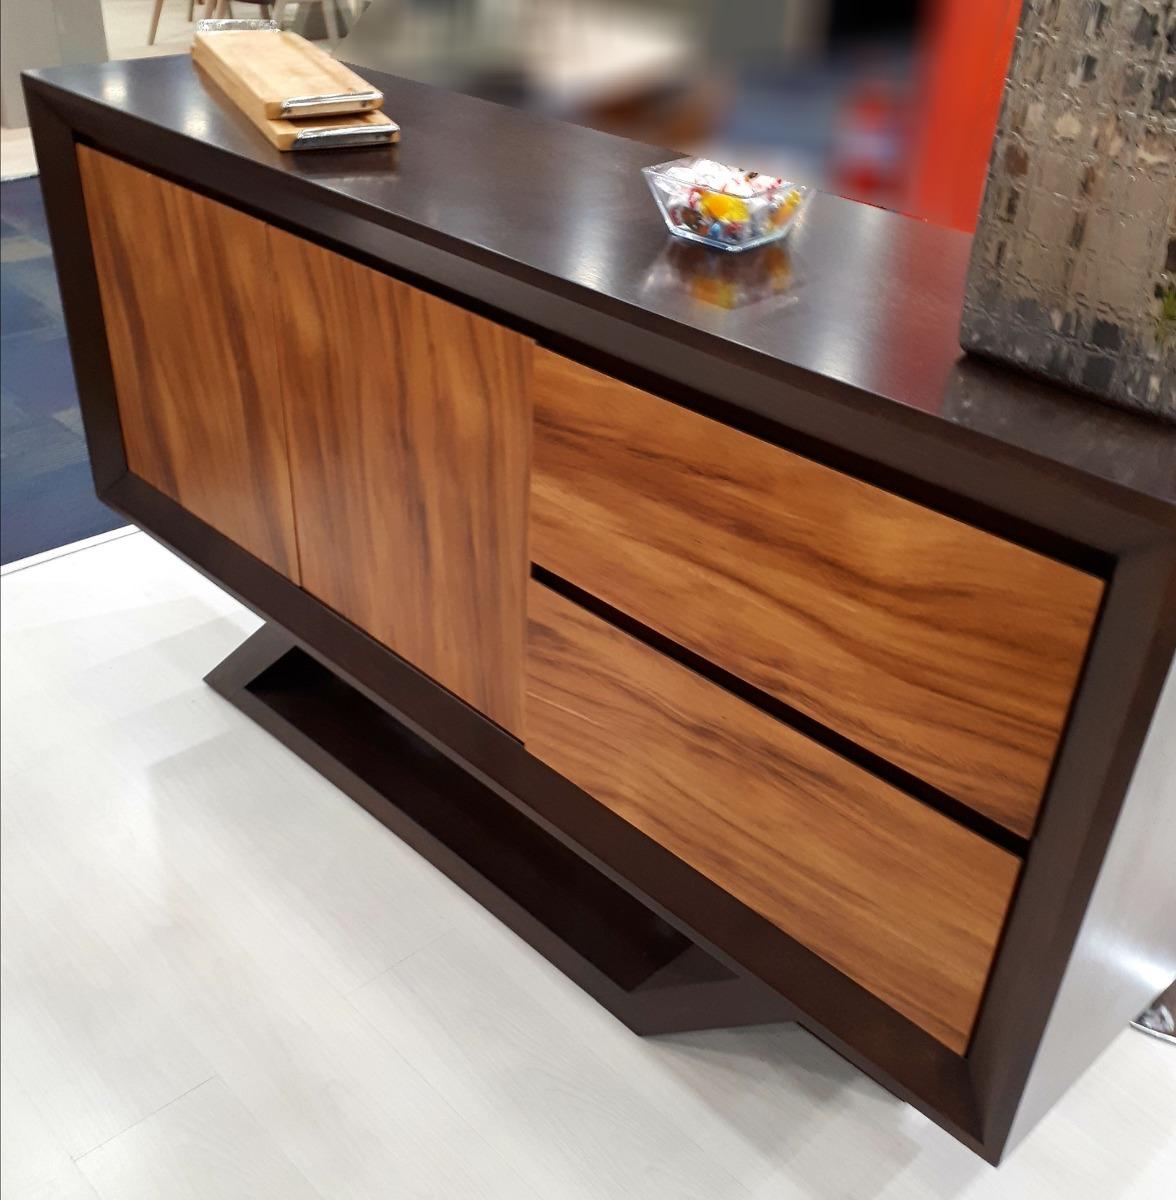 Mueble moderno elaborado en madera de parota los 4 - Muebles de madera modernos ...